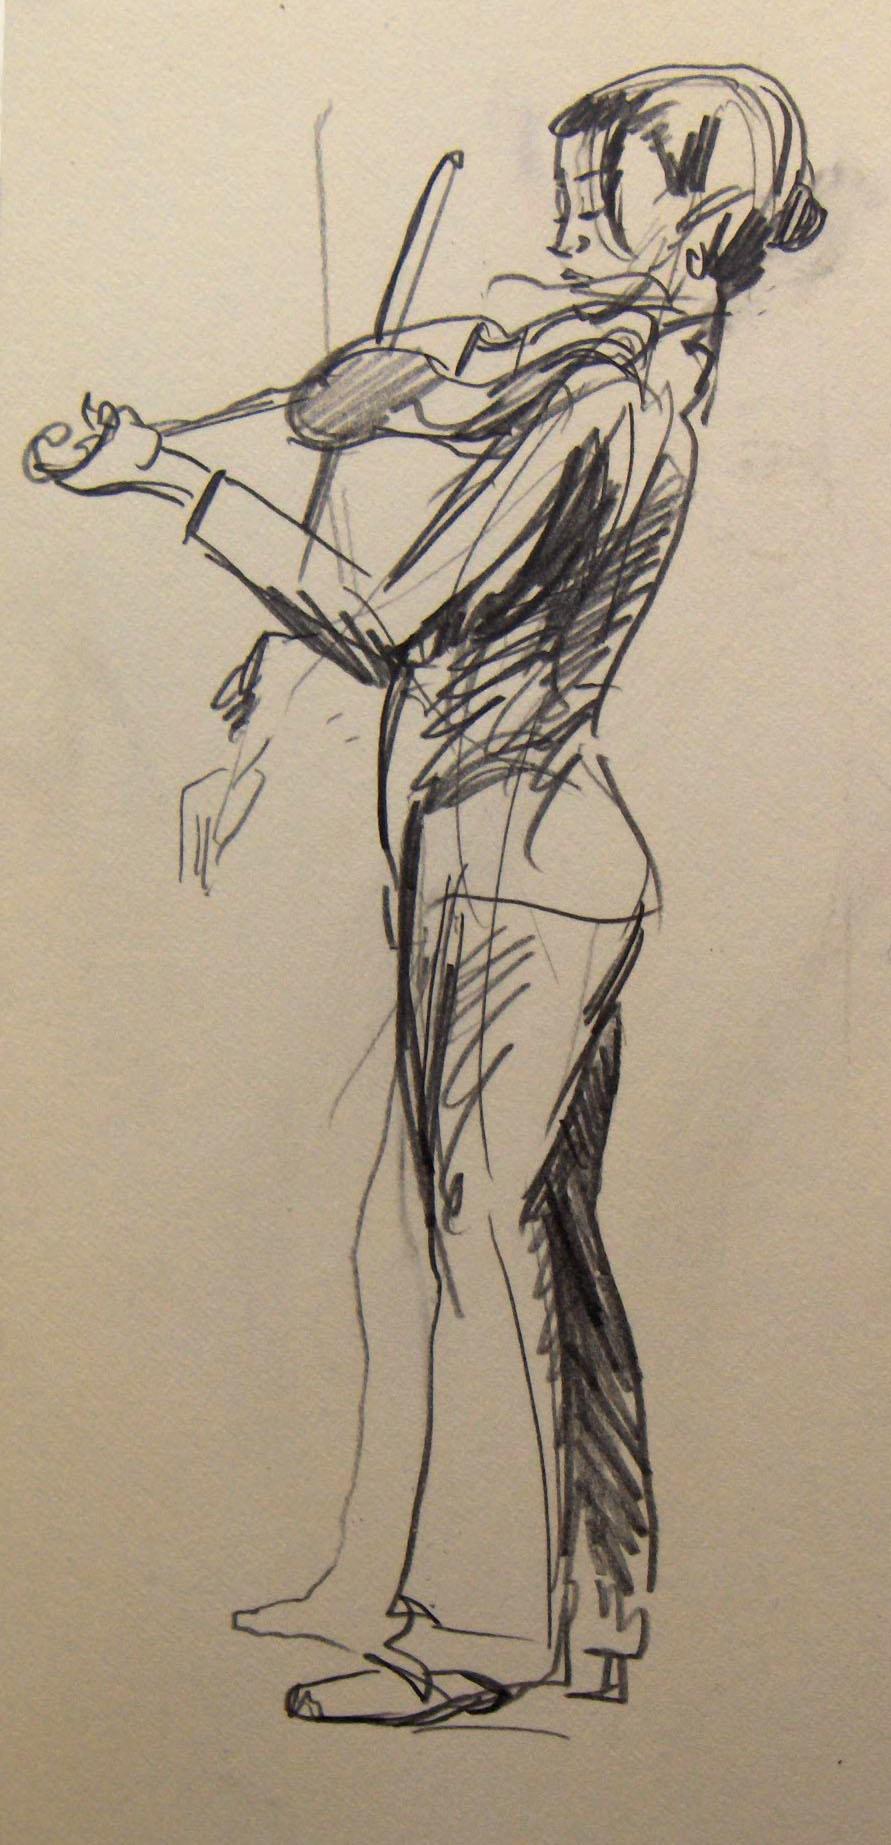 Drawn violinist More Jest a gentleman mode